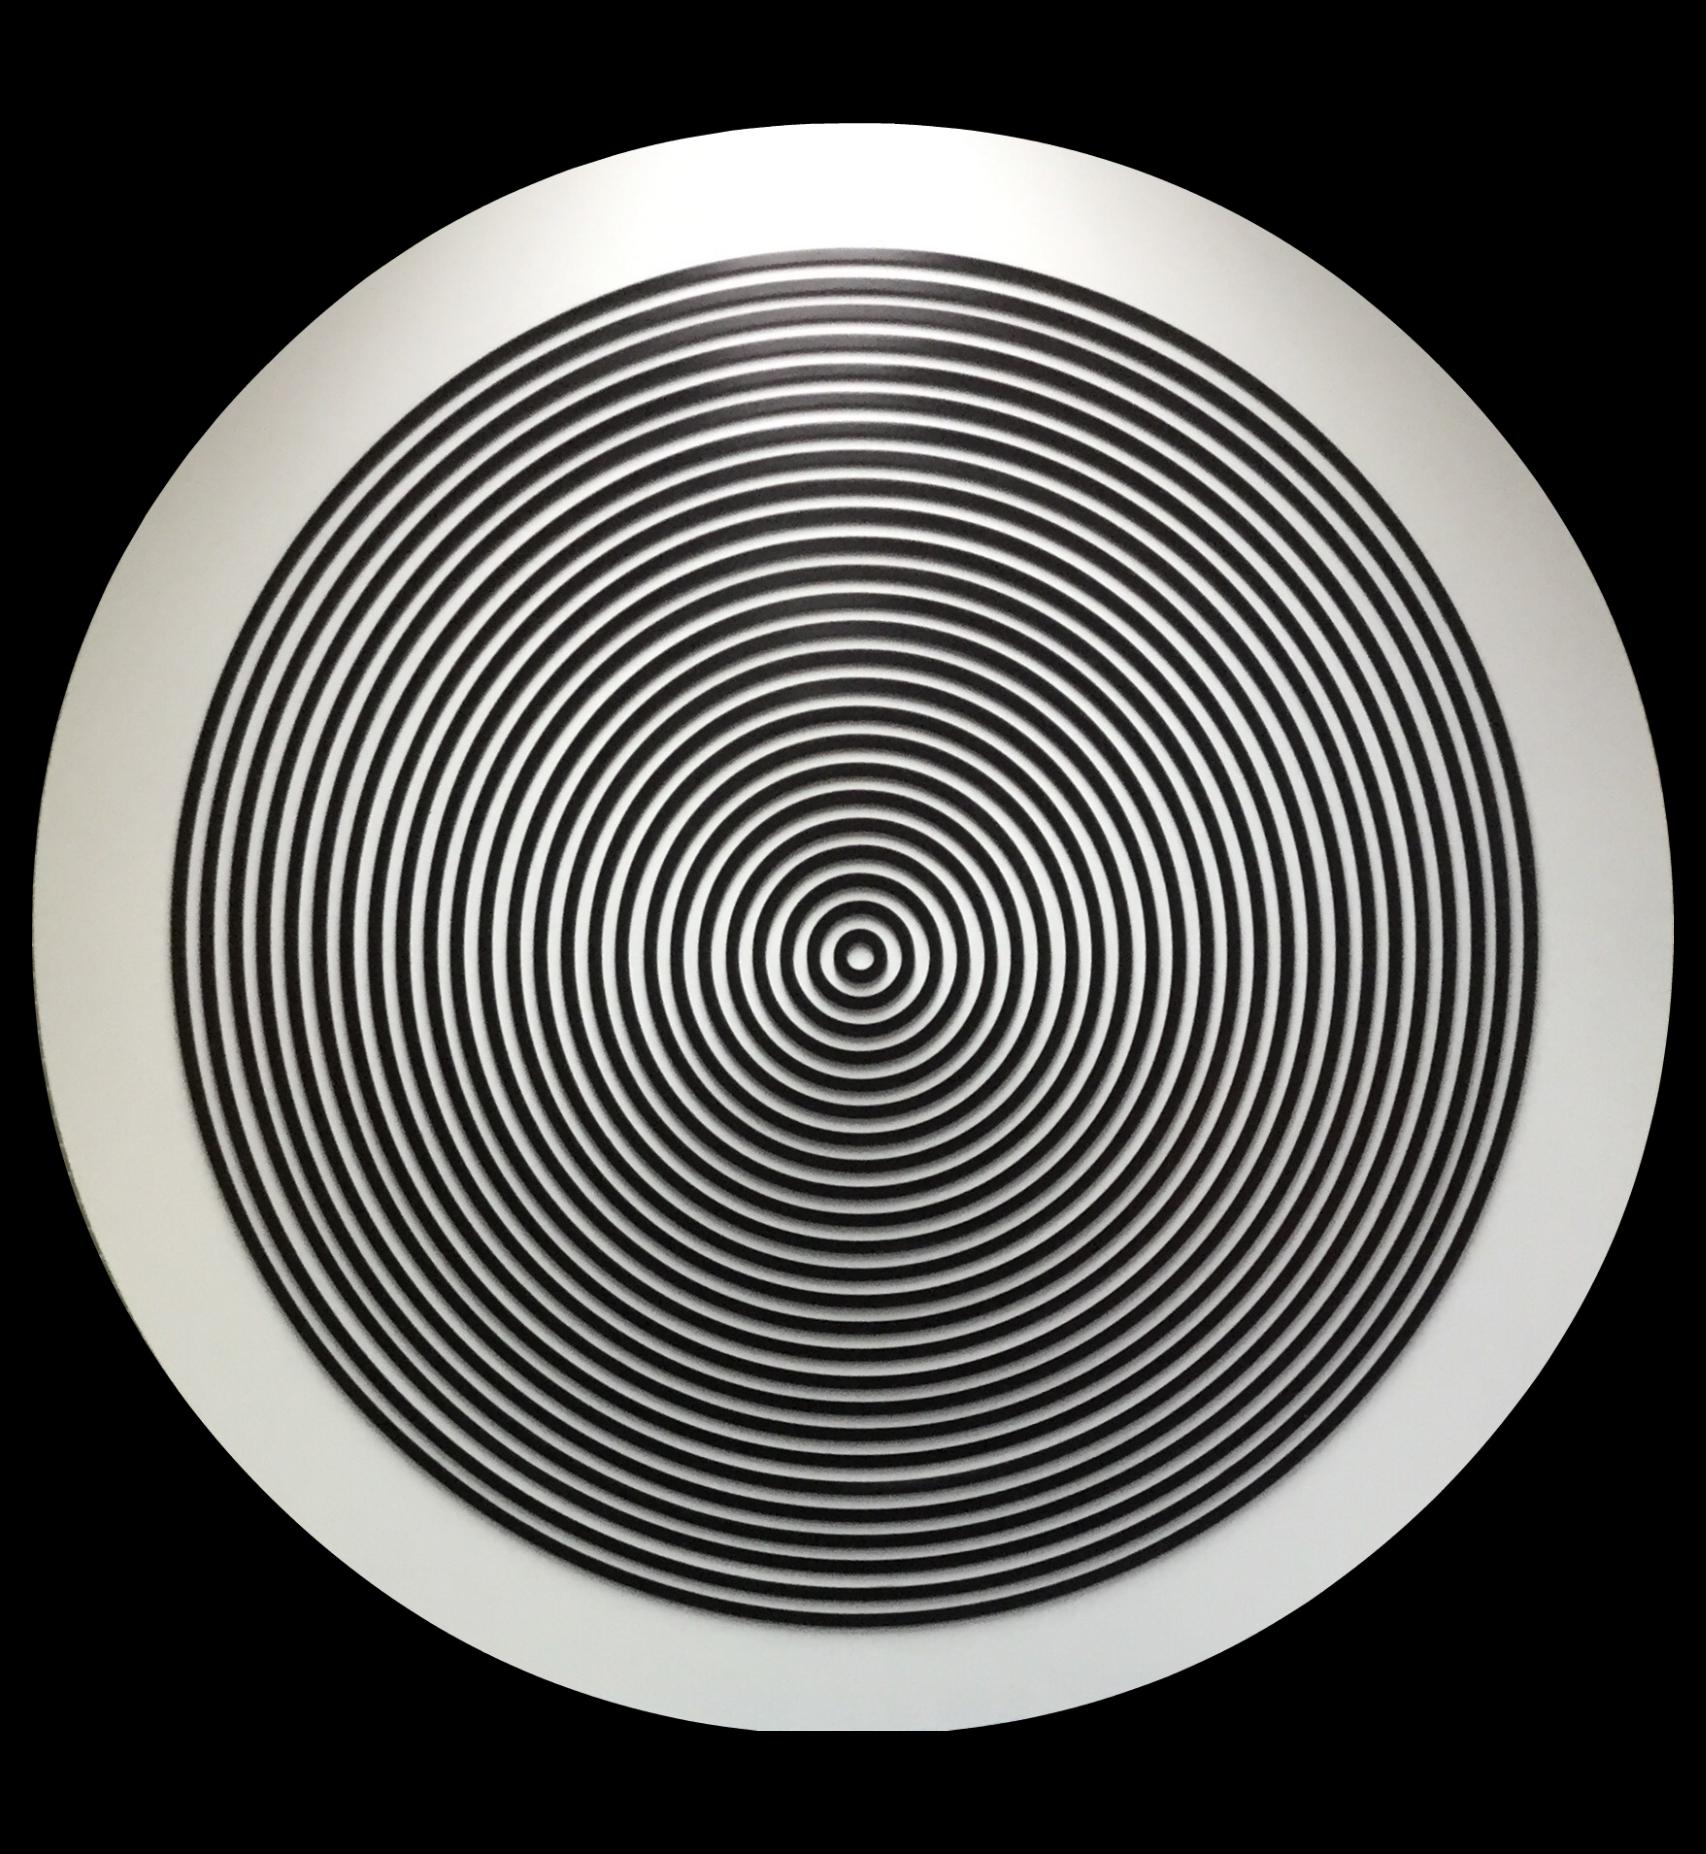 Gravitation Circle